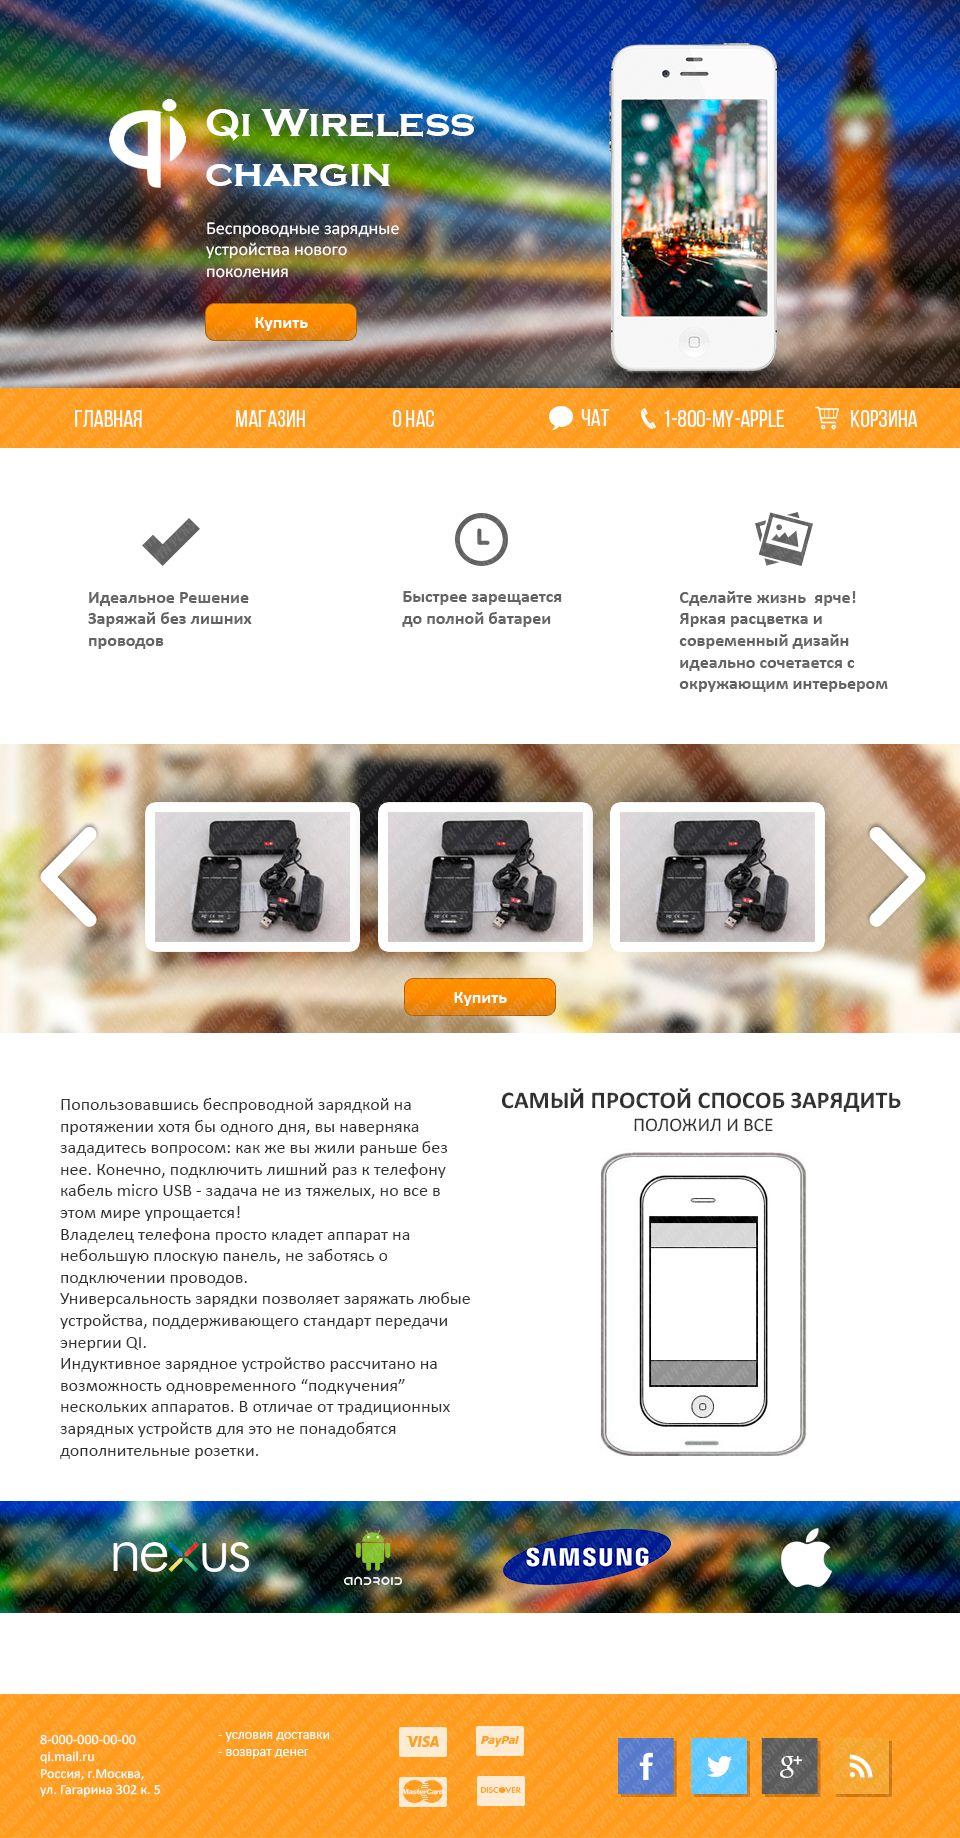 Дизайн ИМ беспроводных зарядных - дизайнер taxir4ik1